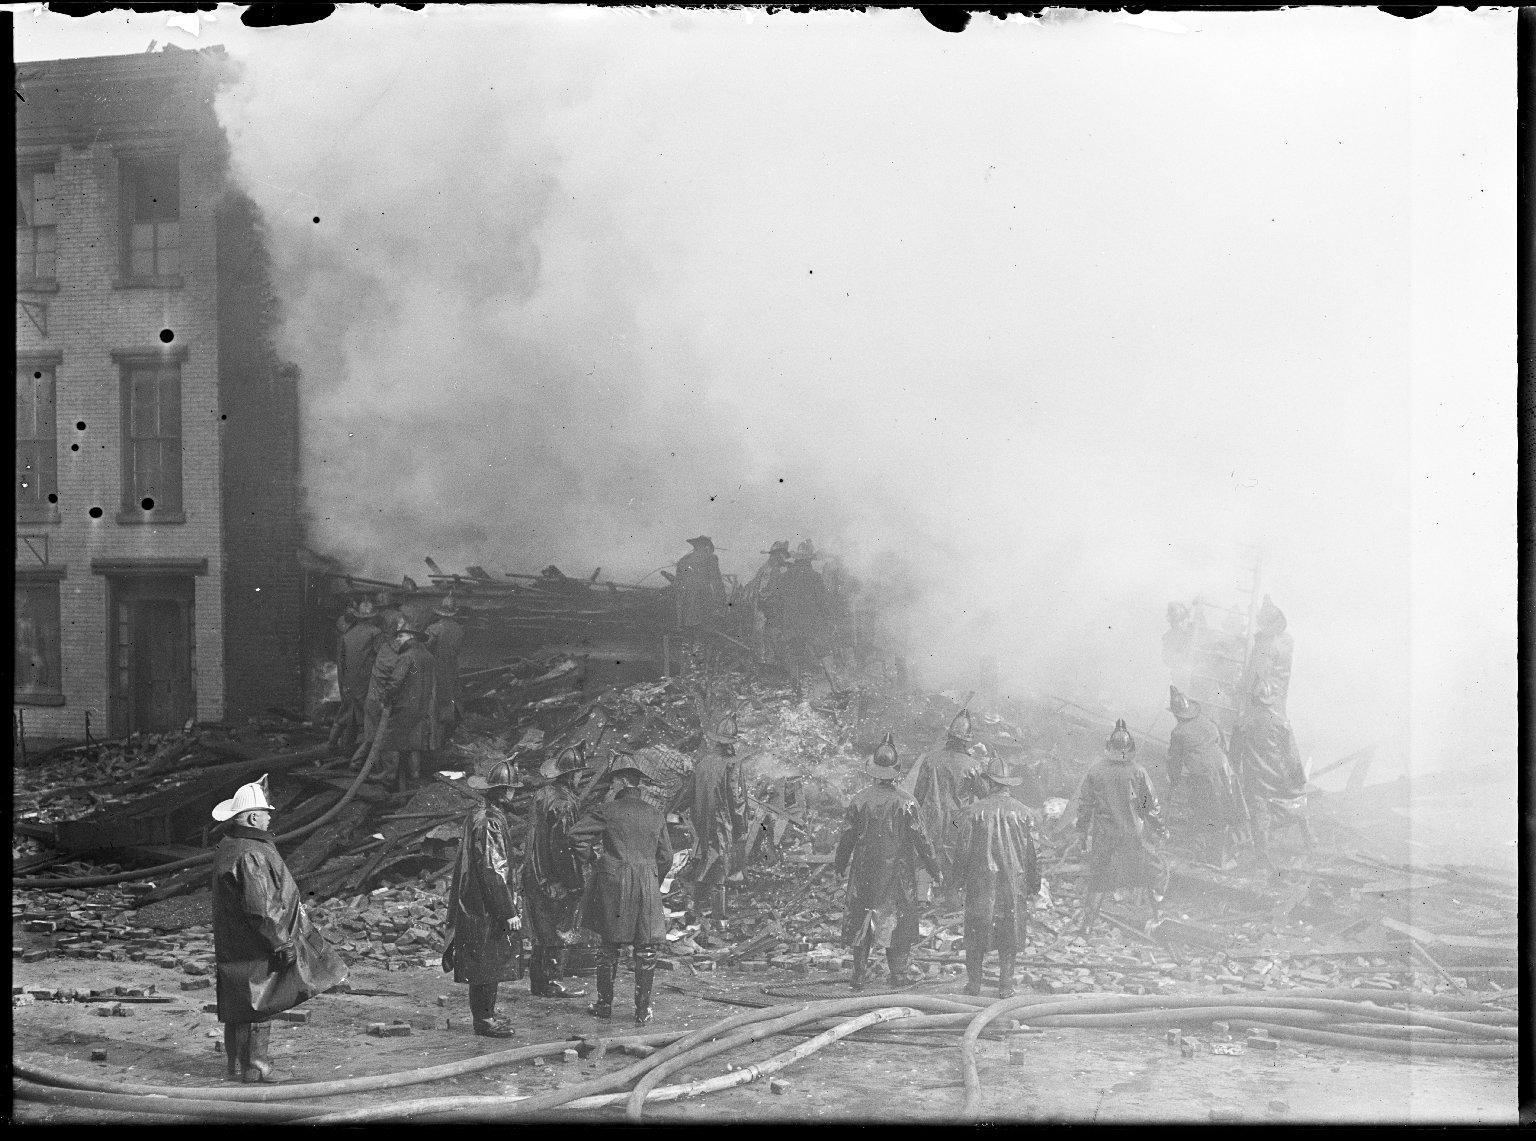 Тушение пожара. Нью-Йорк, США. Начало 20 века